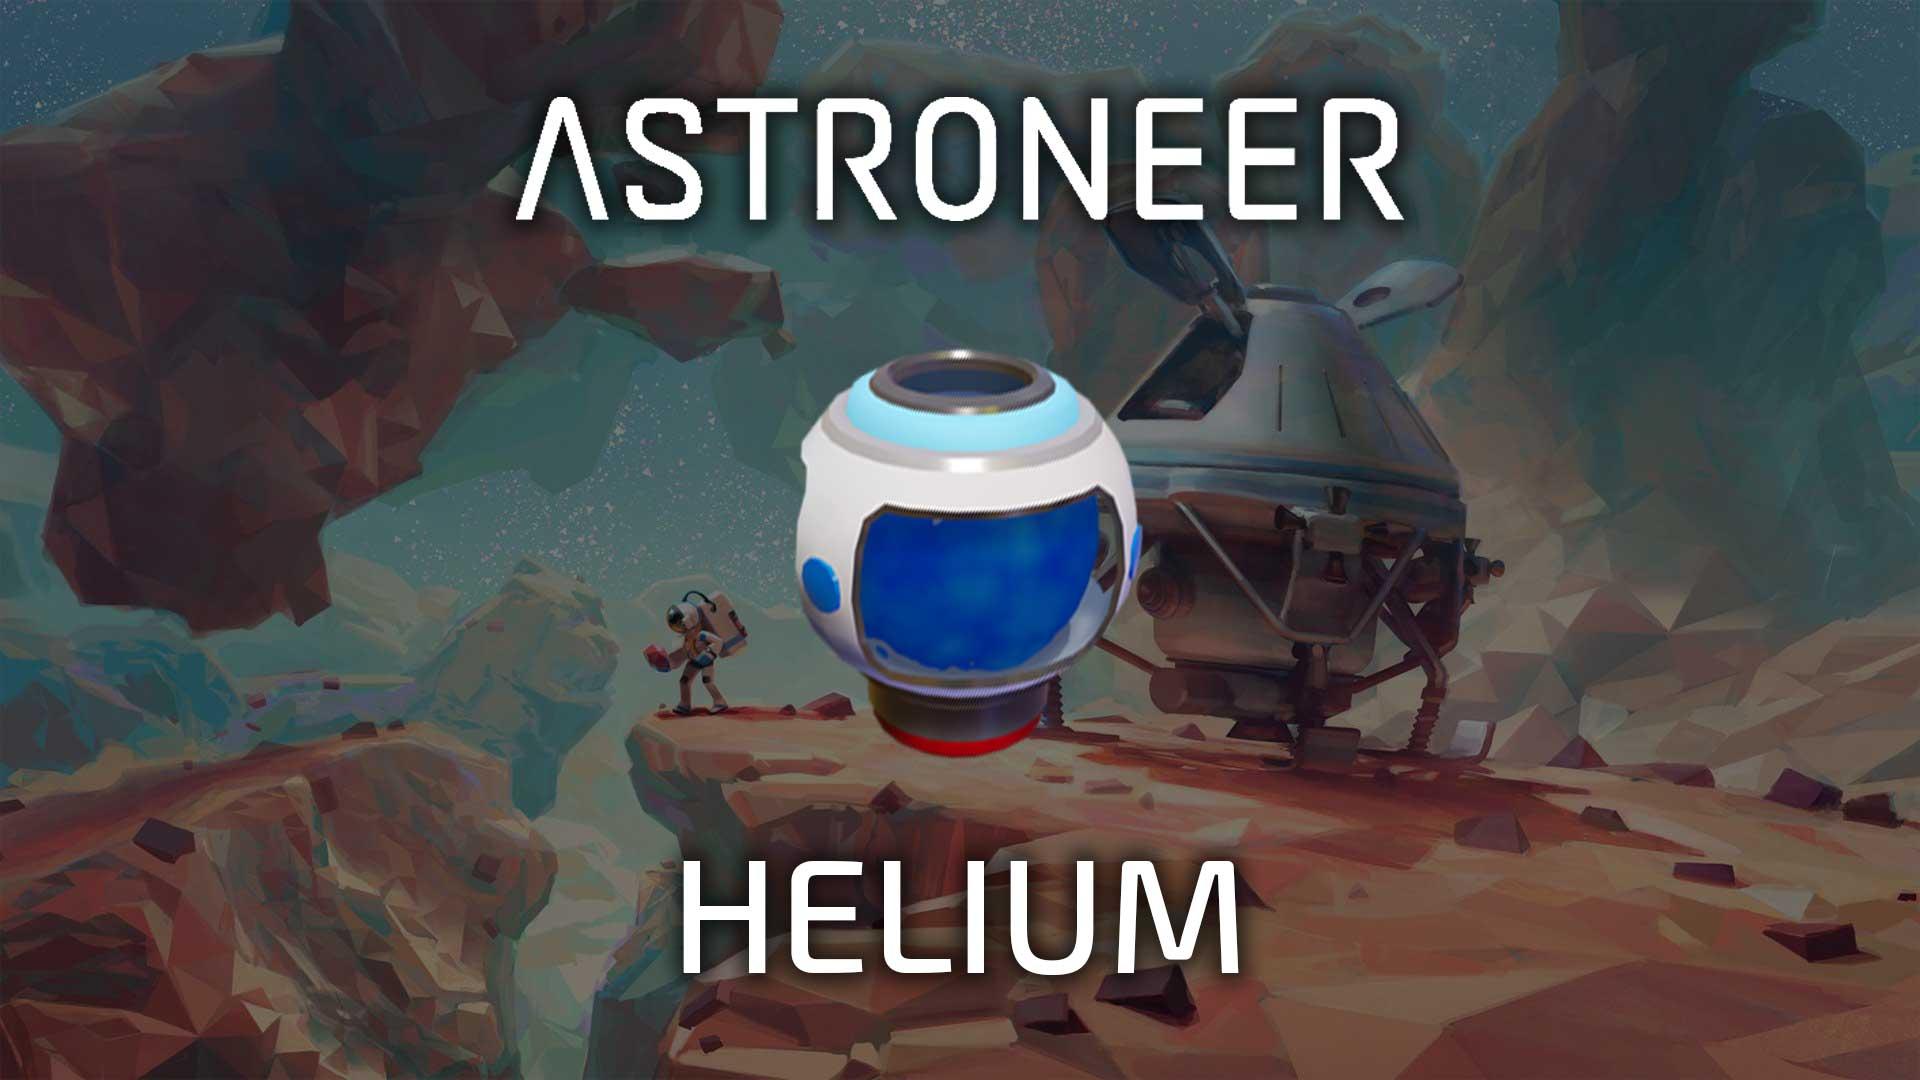 astroneer helium